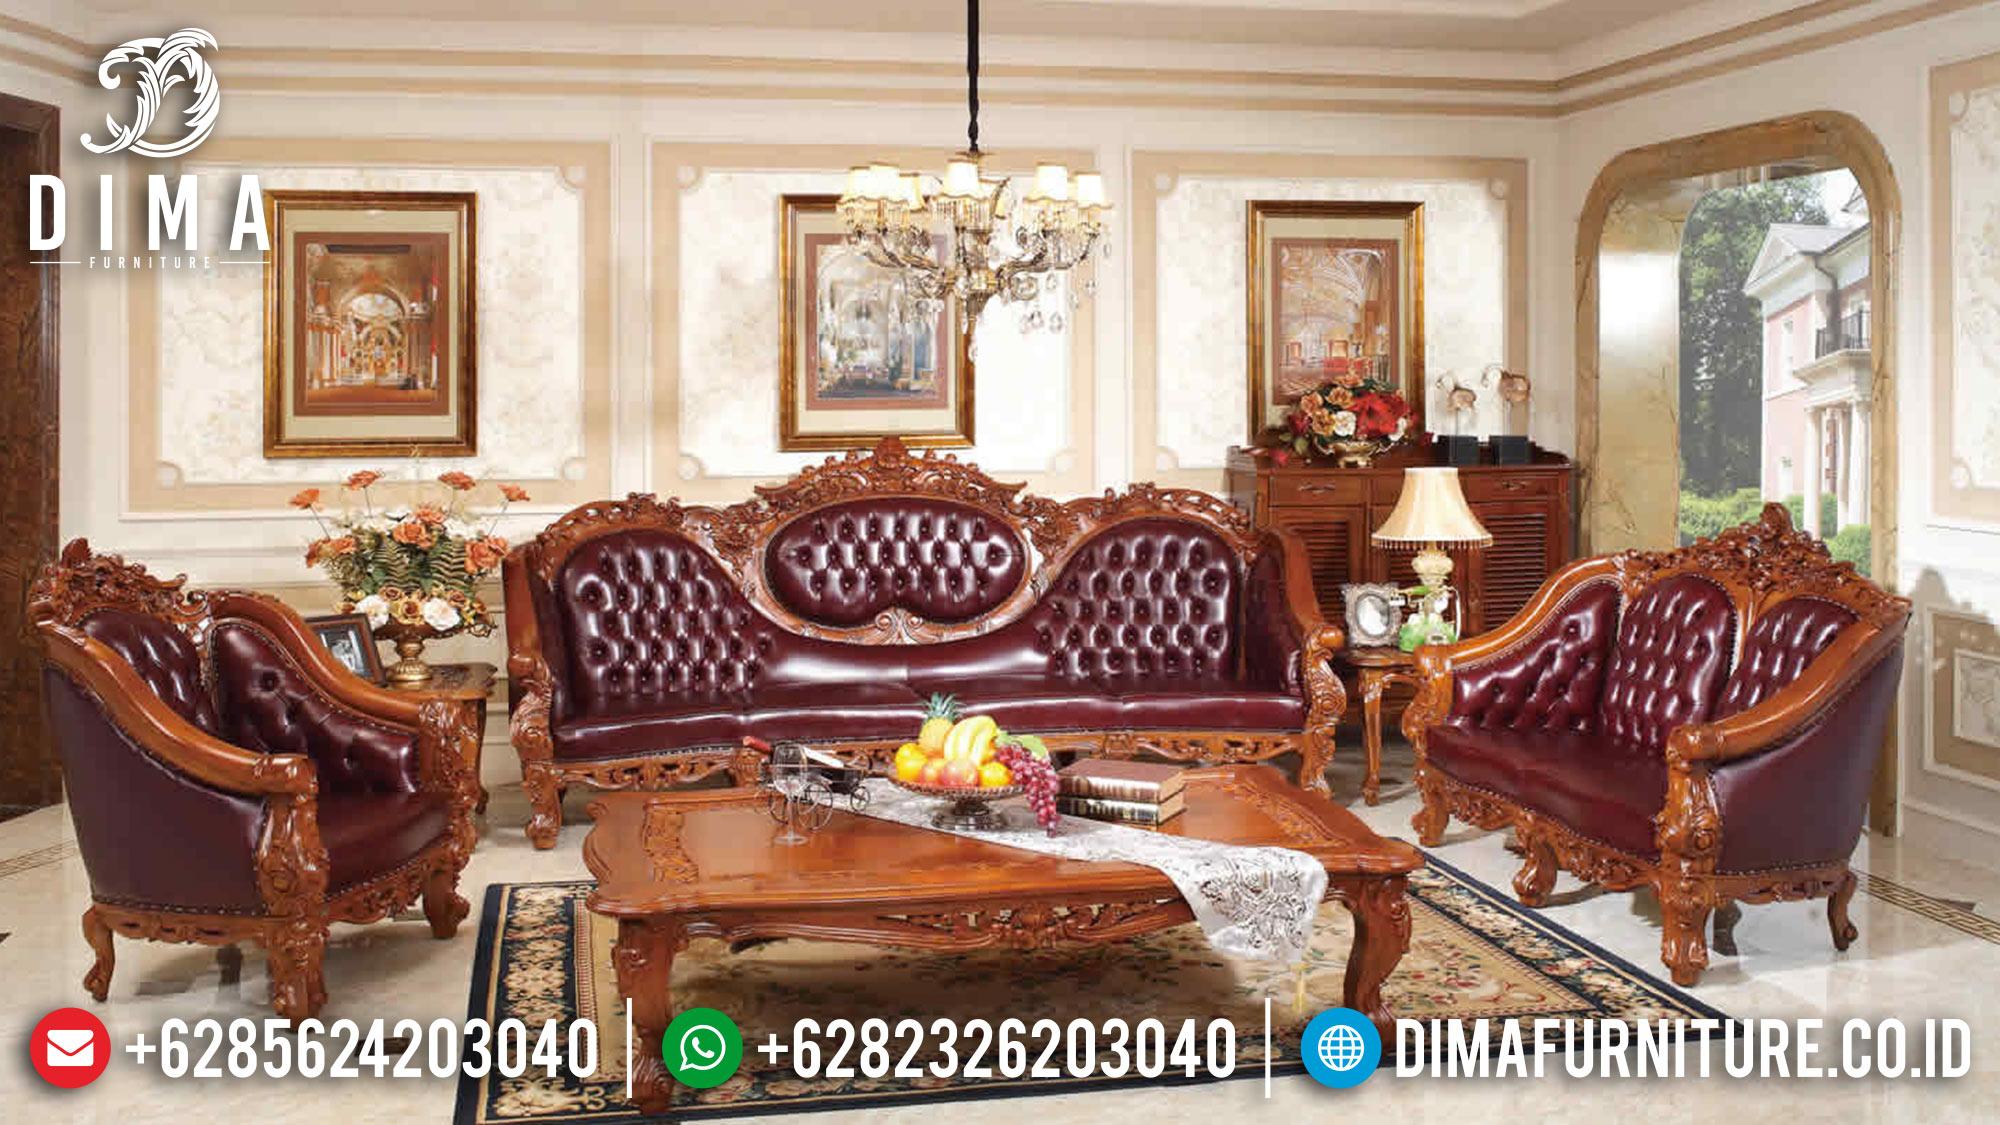 Sofa Tamu Jepara, Kursi Tamu Jati Jepara, Sofa Tamu Mewah Jepara ST-0574 Gambar 2